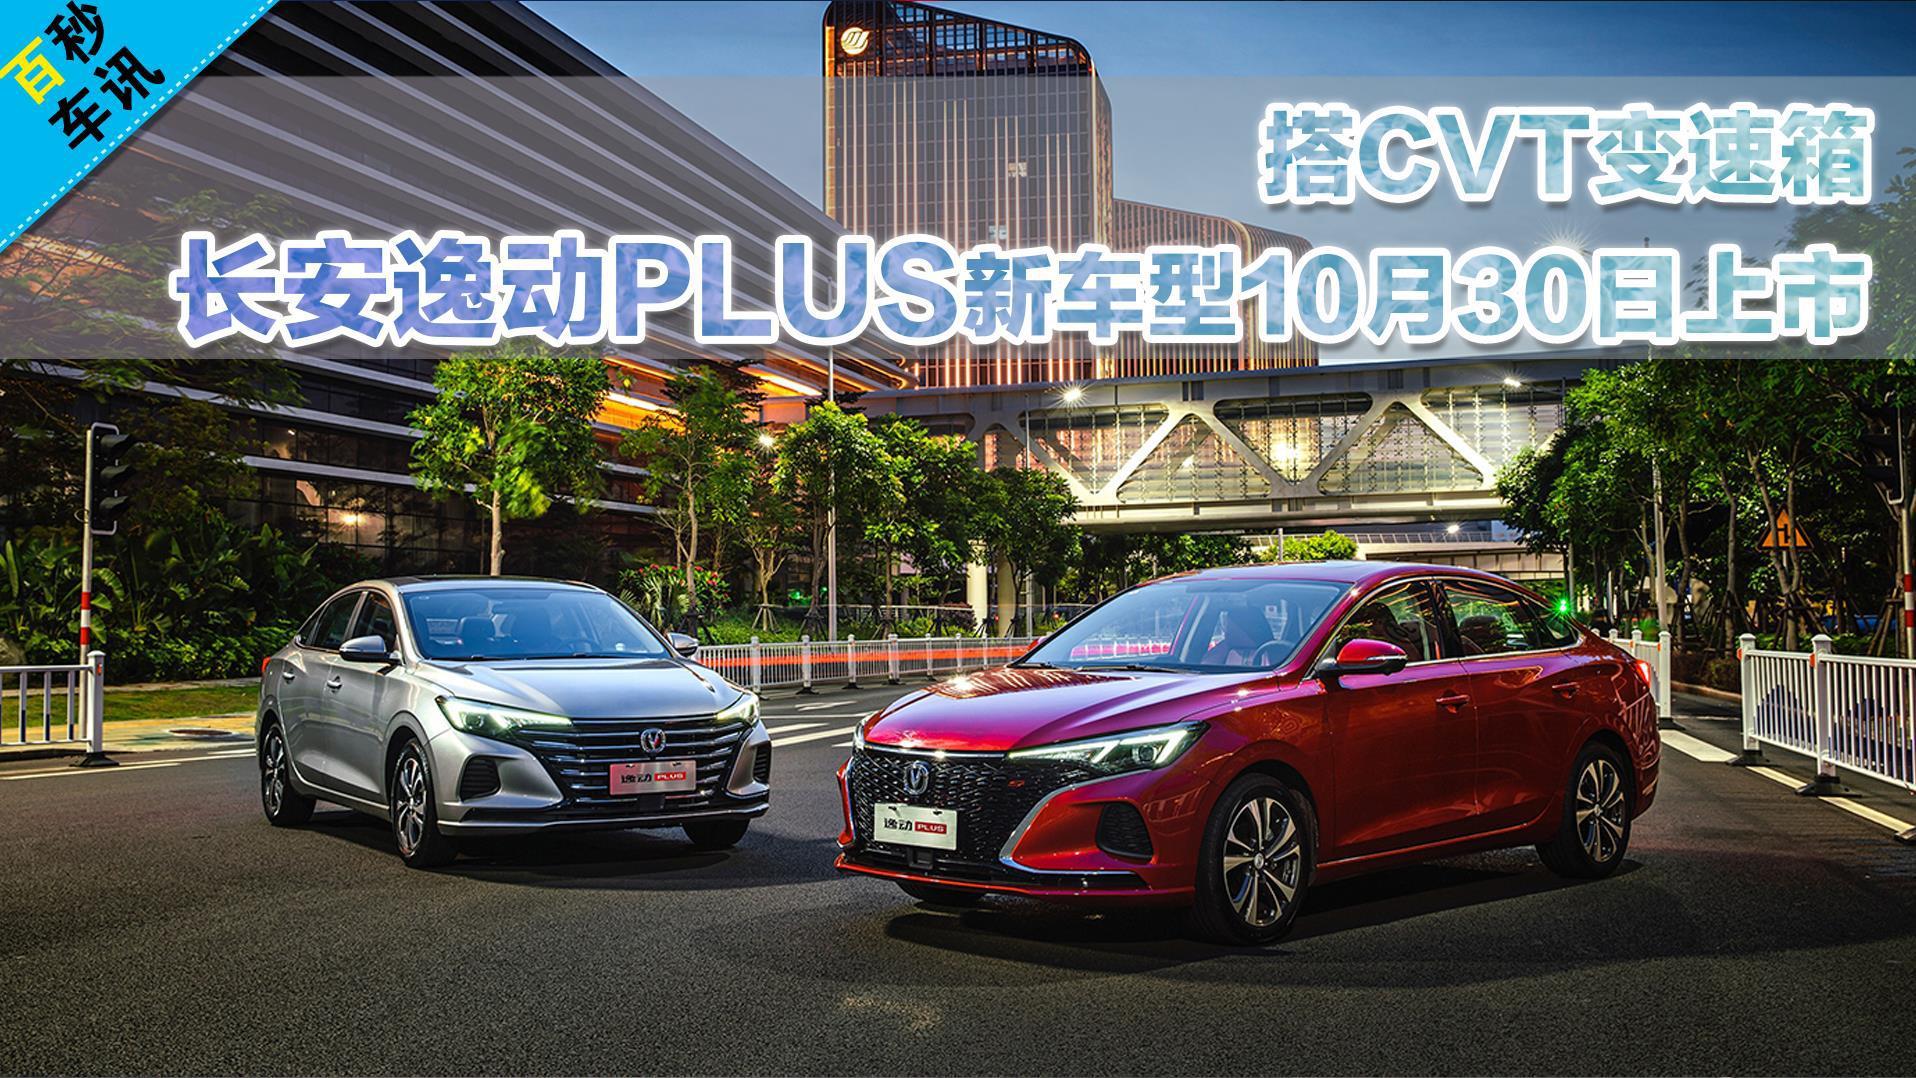 视频:【百秒车讯】搭CVT变速箱 长安逸动PLUS新车型10月30日上市